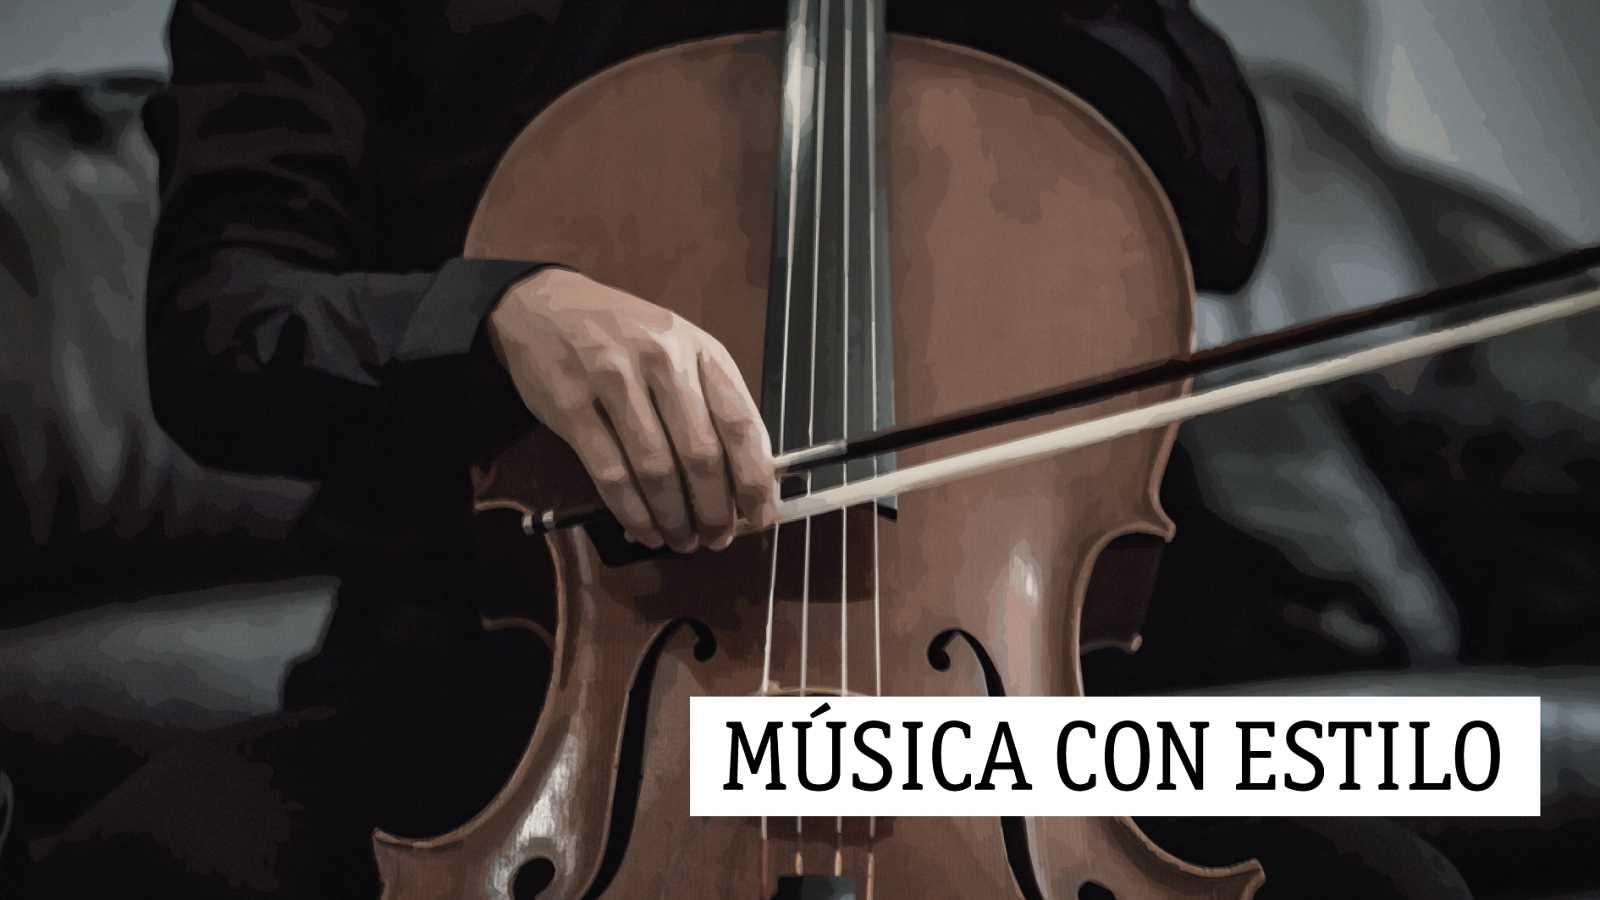 Música con estilo - Clara Haskil: la gran dama de la música - 01/09/19 - escuchar ahora